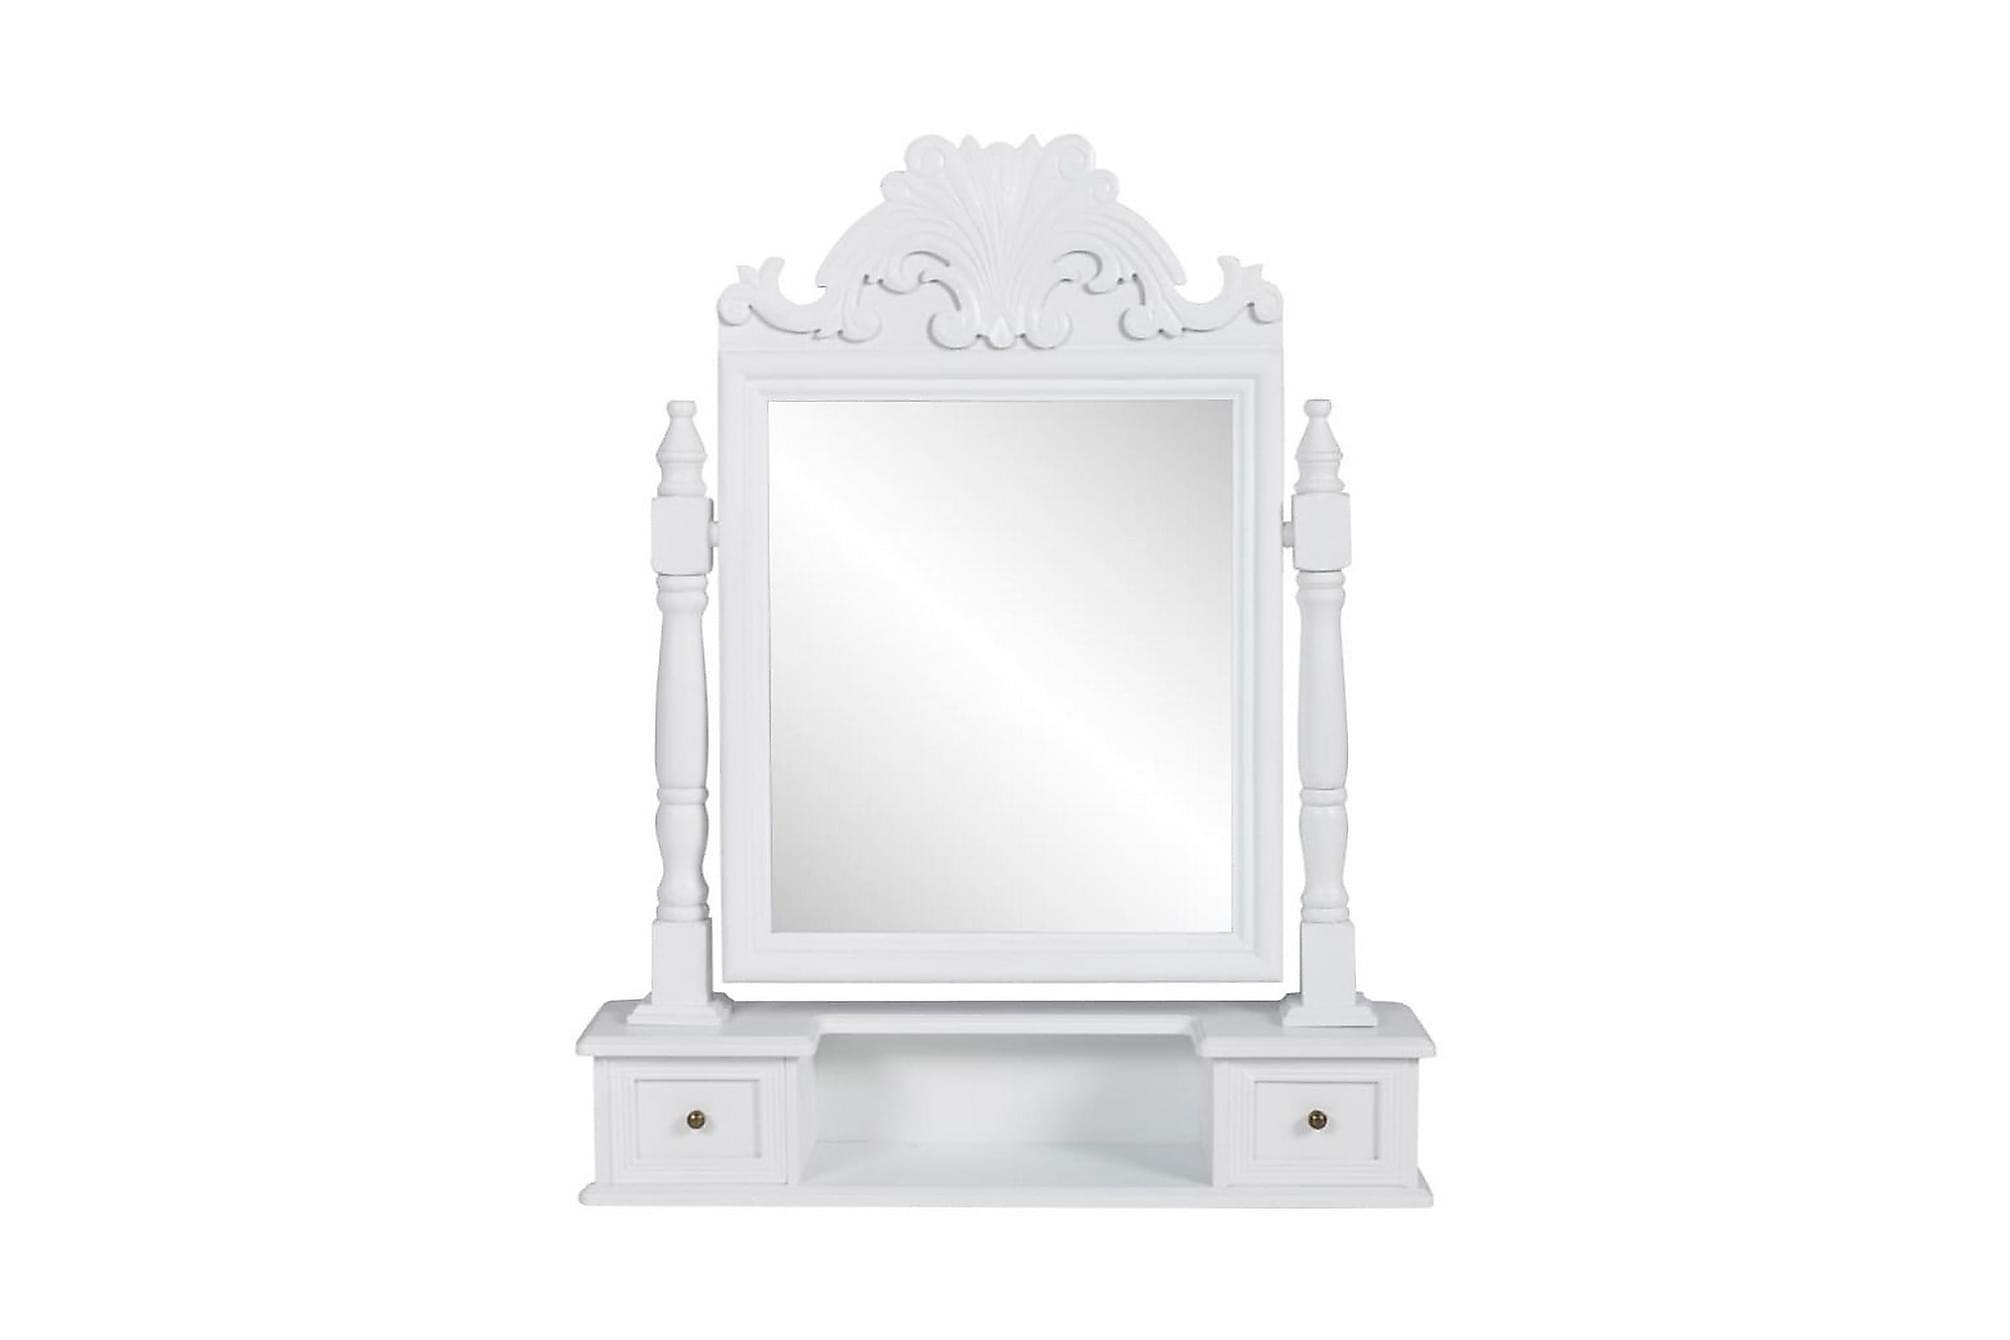 Bordsspegel med justerbar rektangulär spegel MDF, Sminkbord